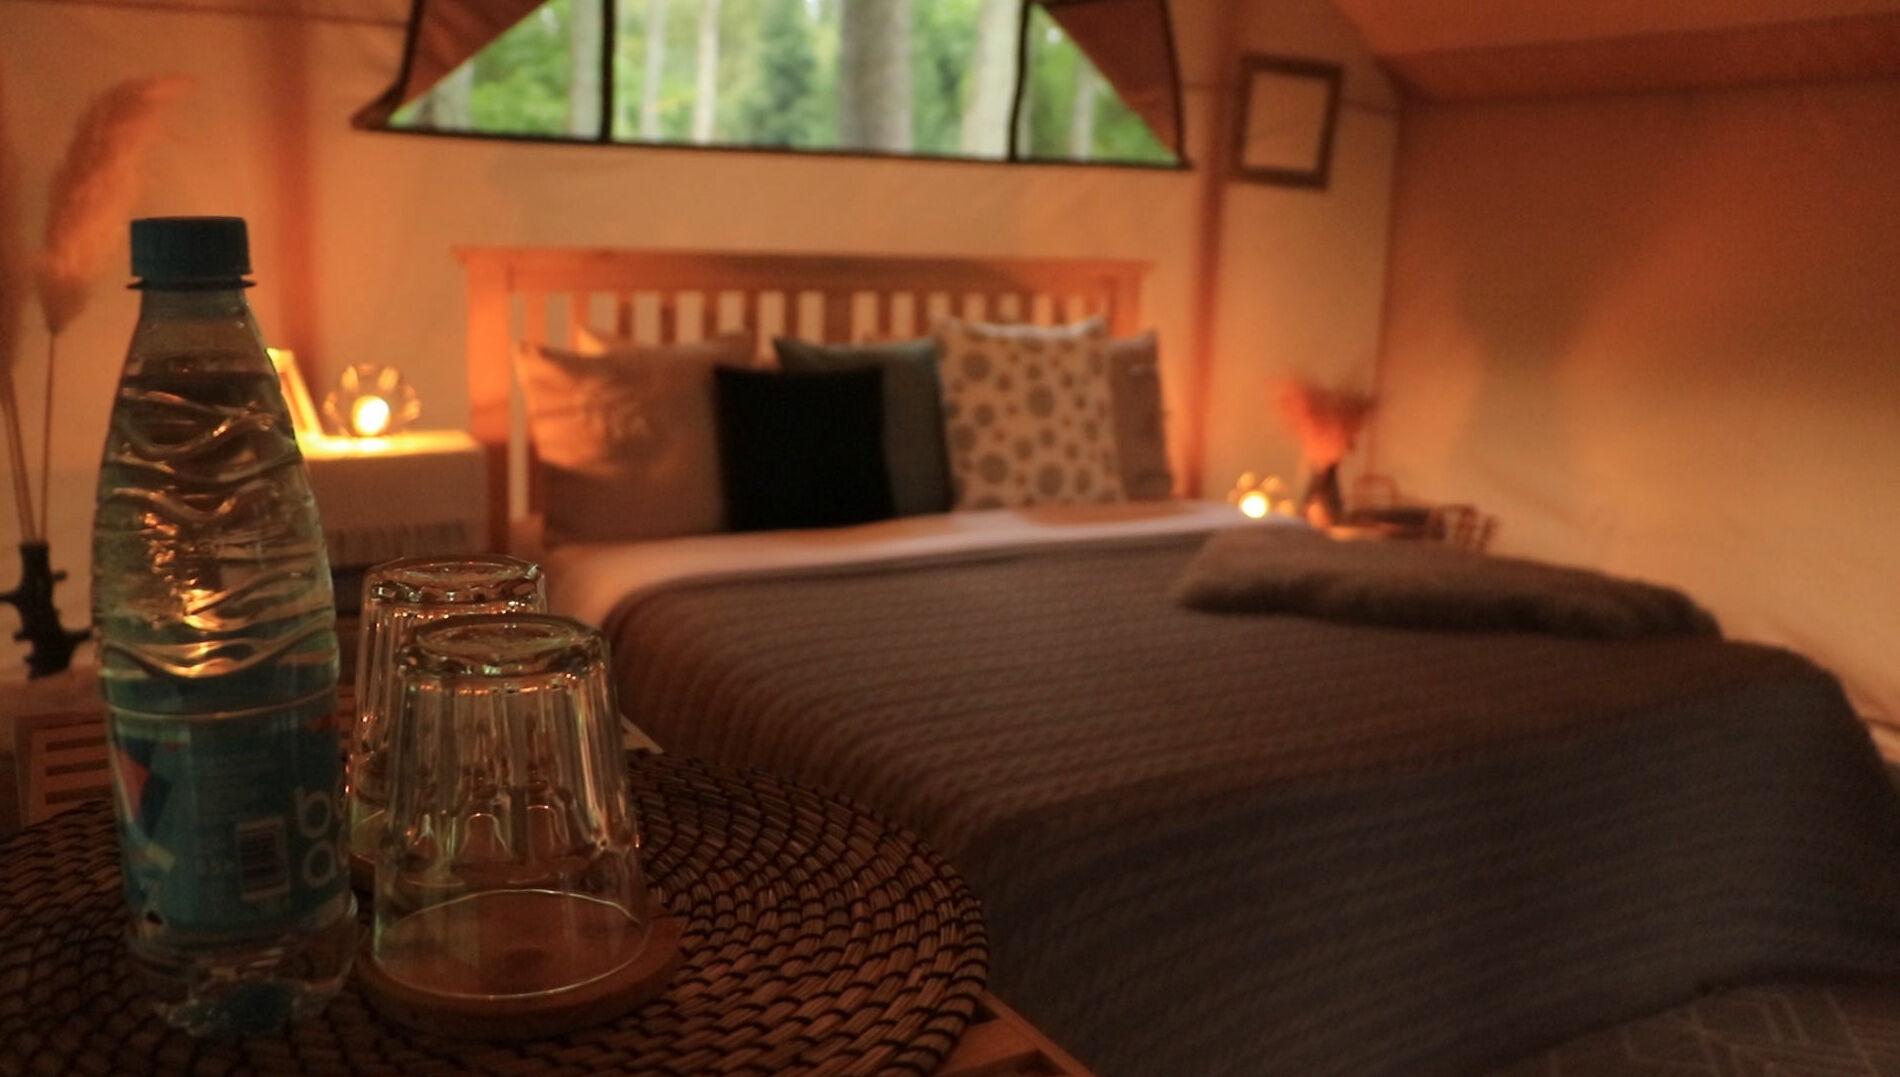 فندق 5 نجوم في الهواء الطلق..تجربة فريدة ومثيرة تضمن الرفاهية وتضفي الهدوء في نفوس زائريها